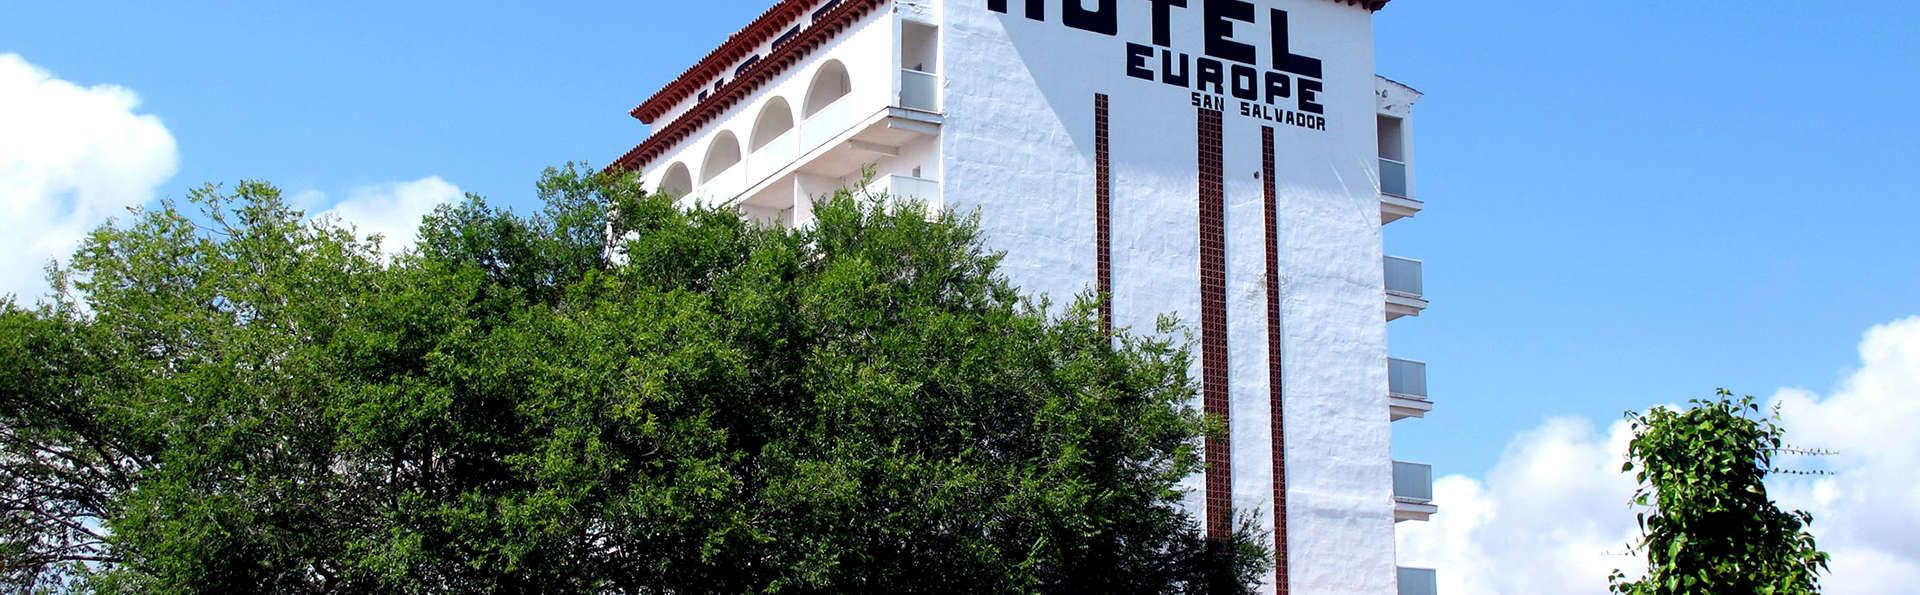 Ohtels San Salvador - Edit_Front.jpg